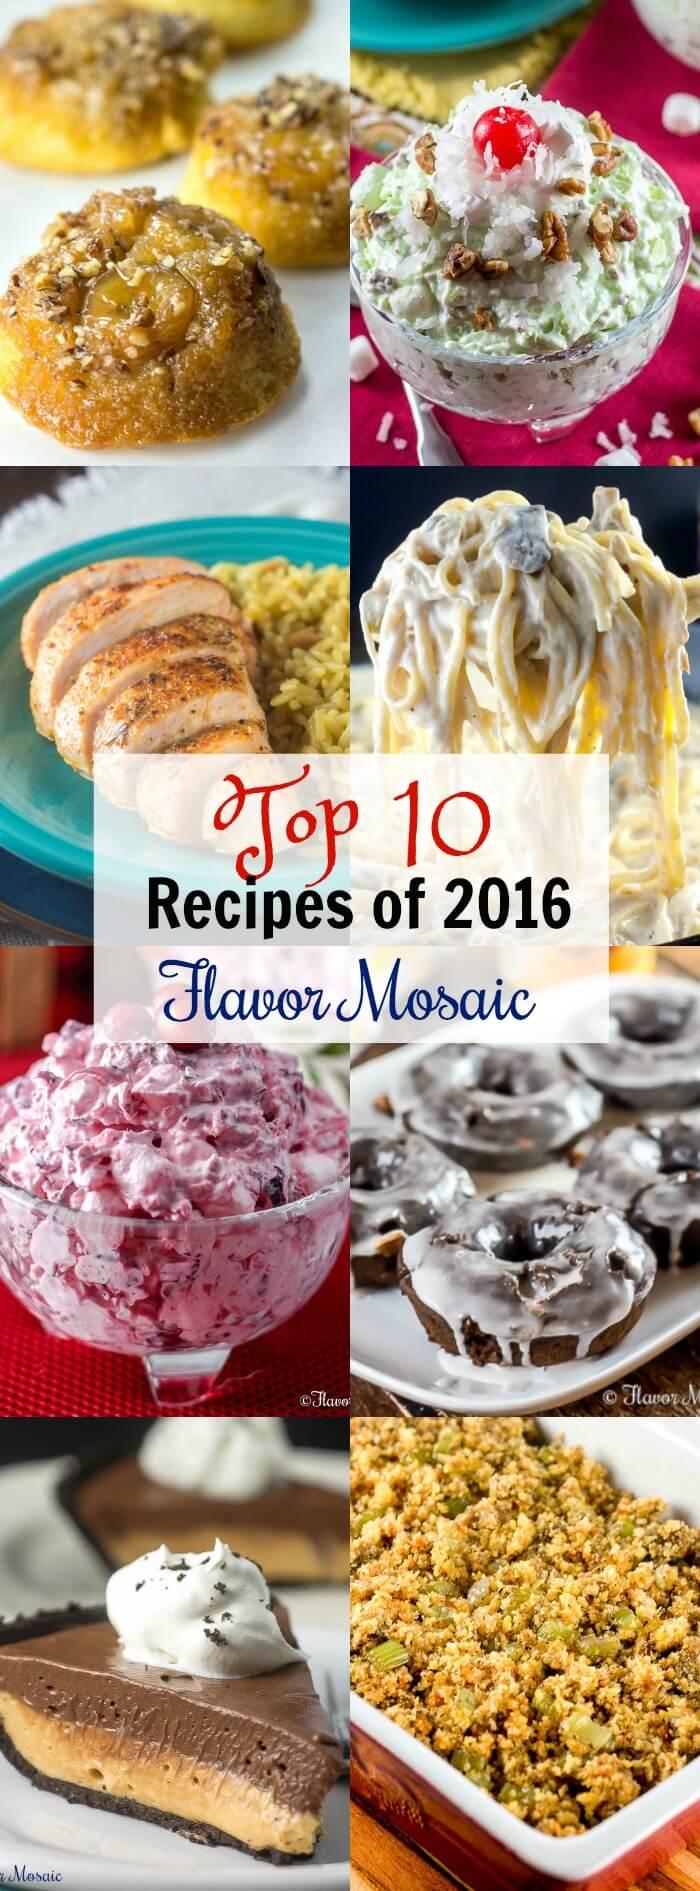 Top 10 Recipes of 2016 - Flavor Mosaic